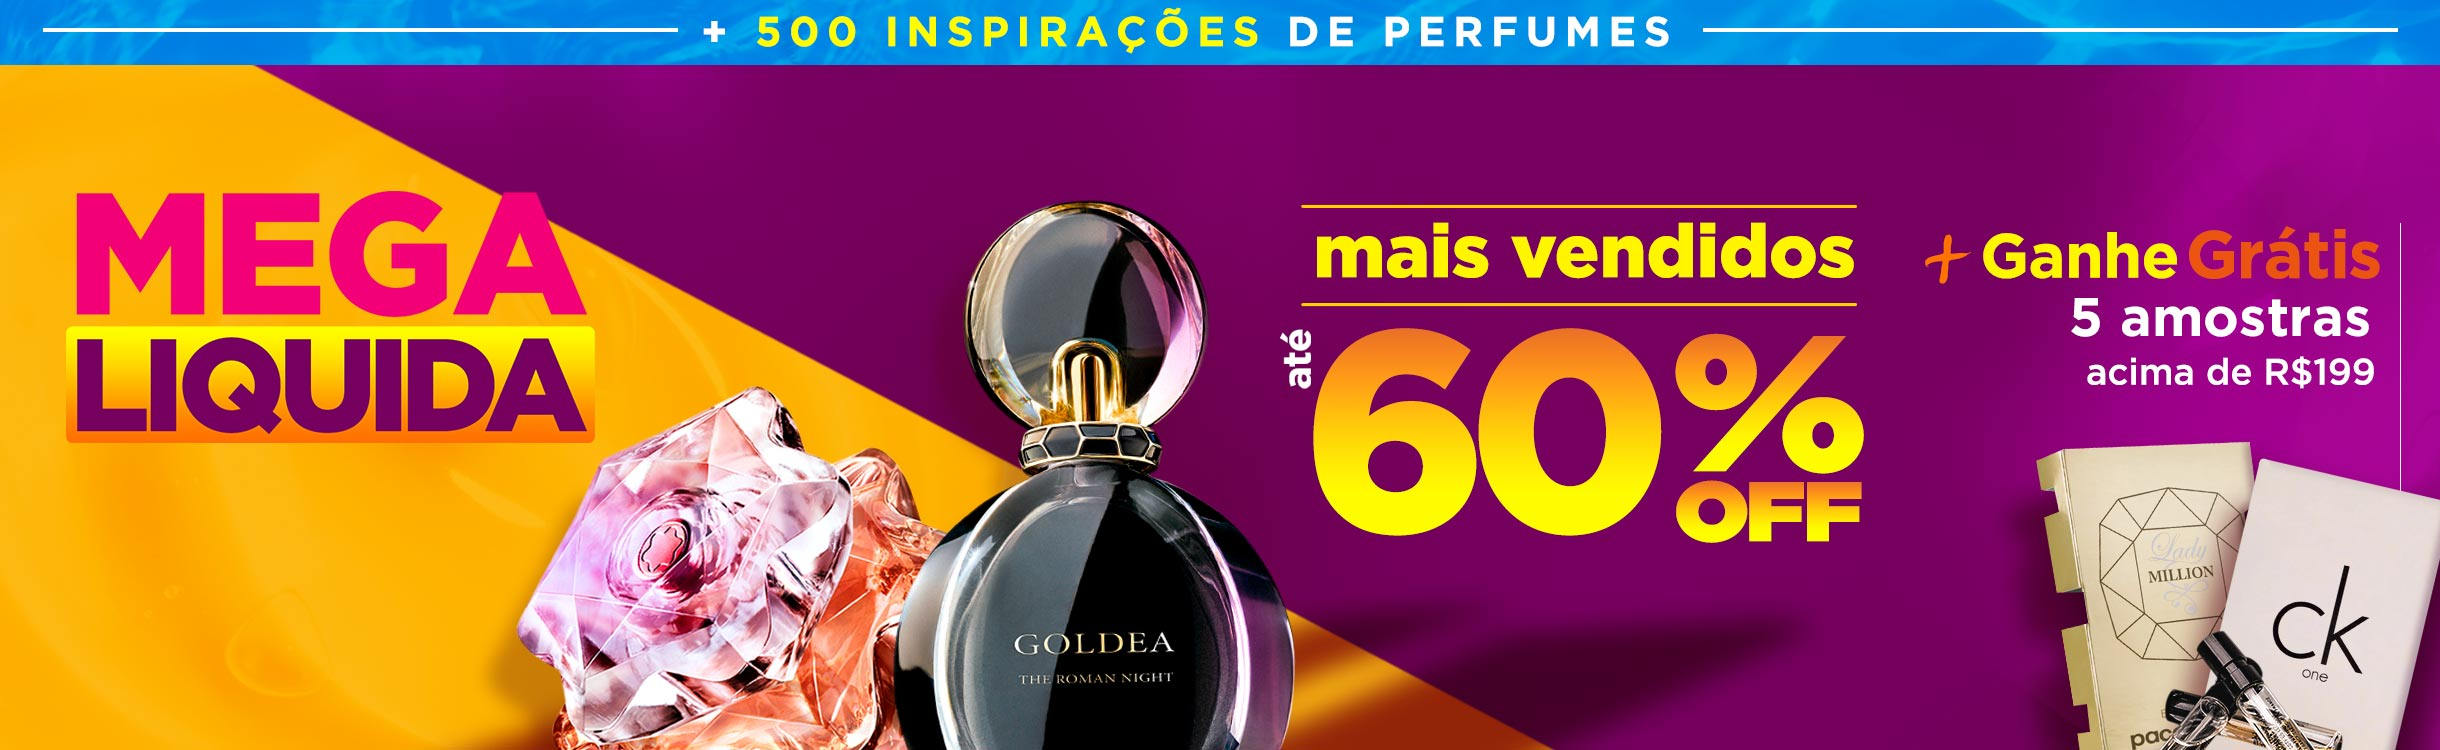 Perfumes até metade do preço